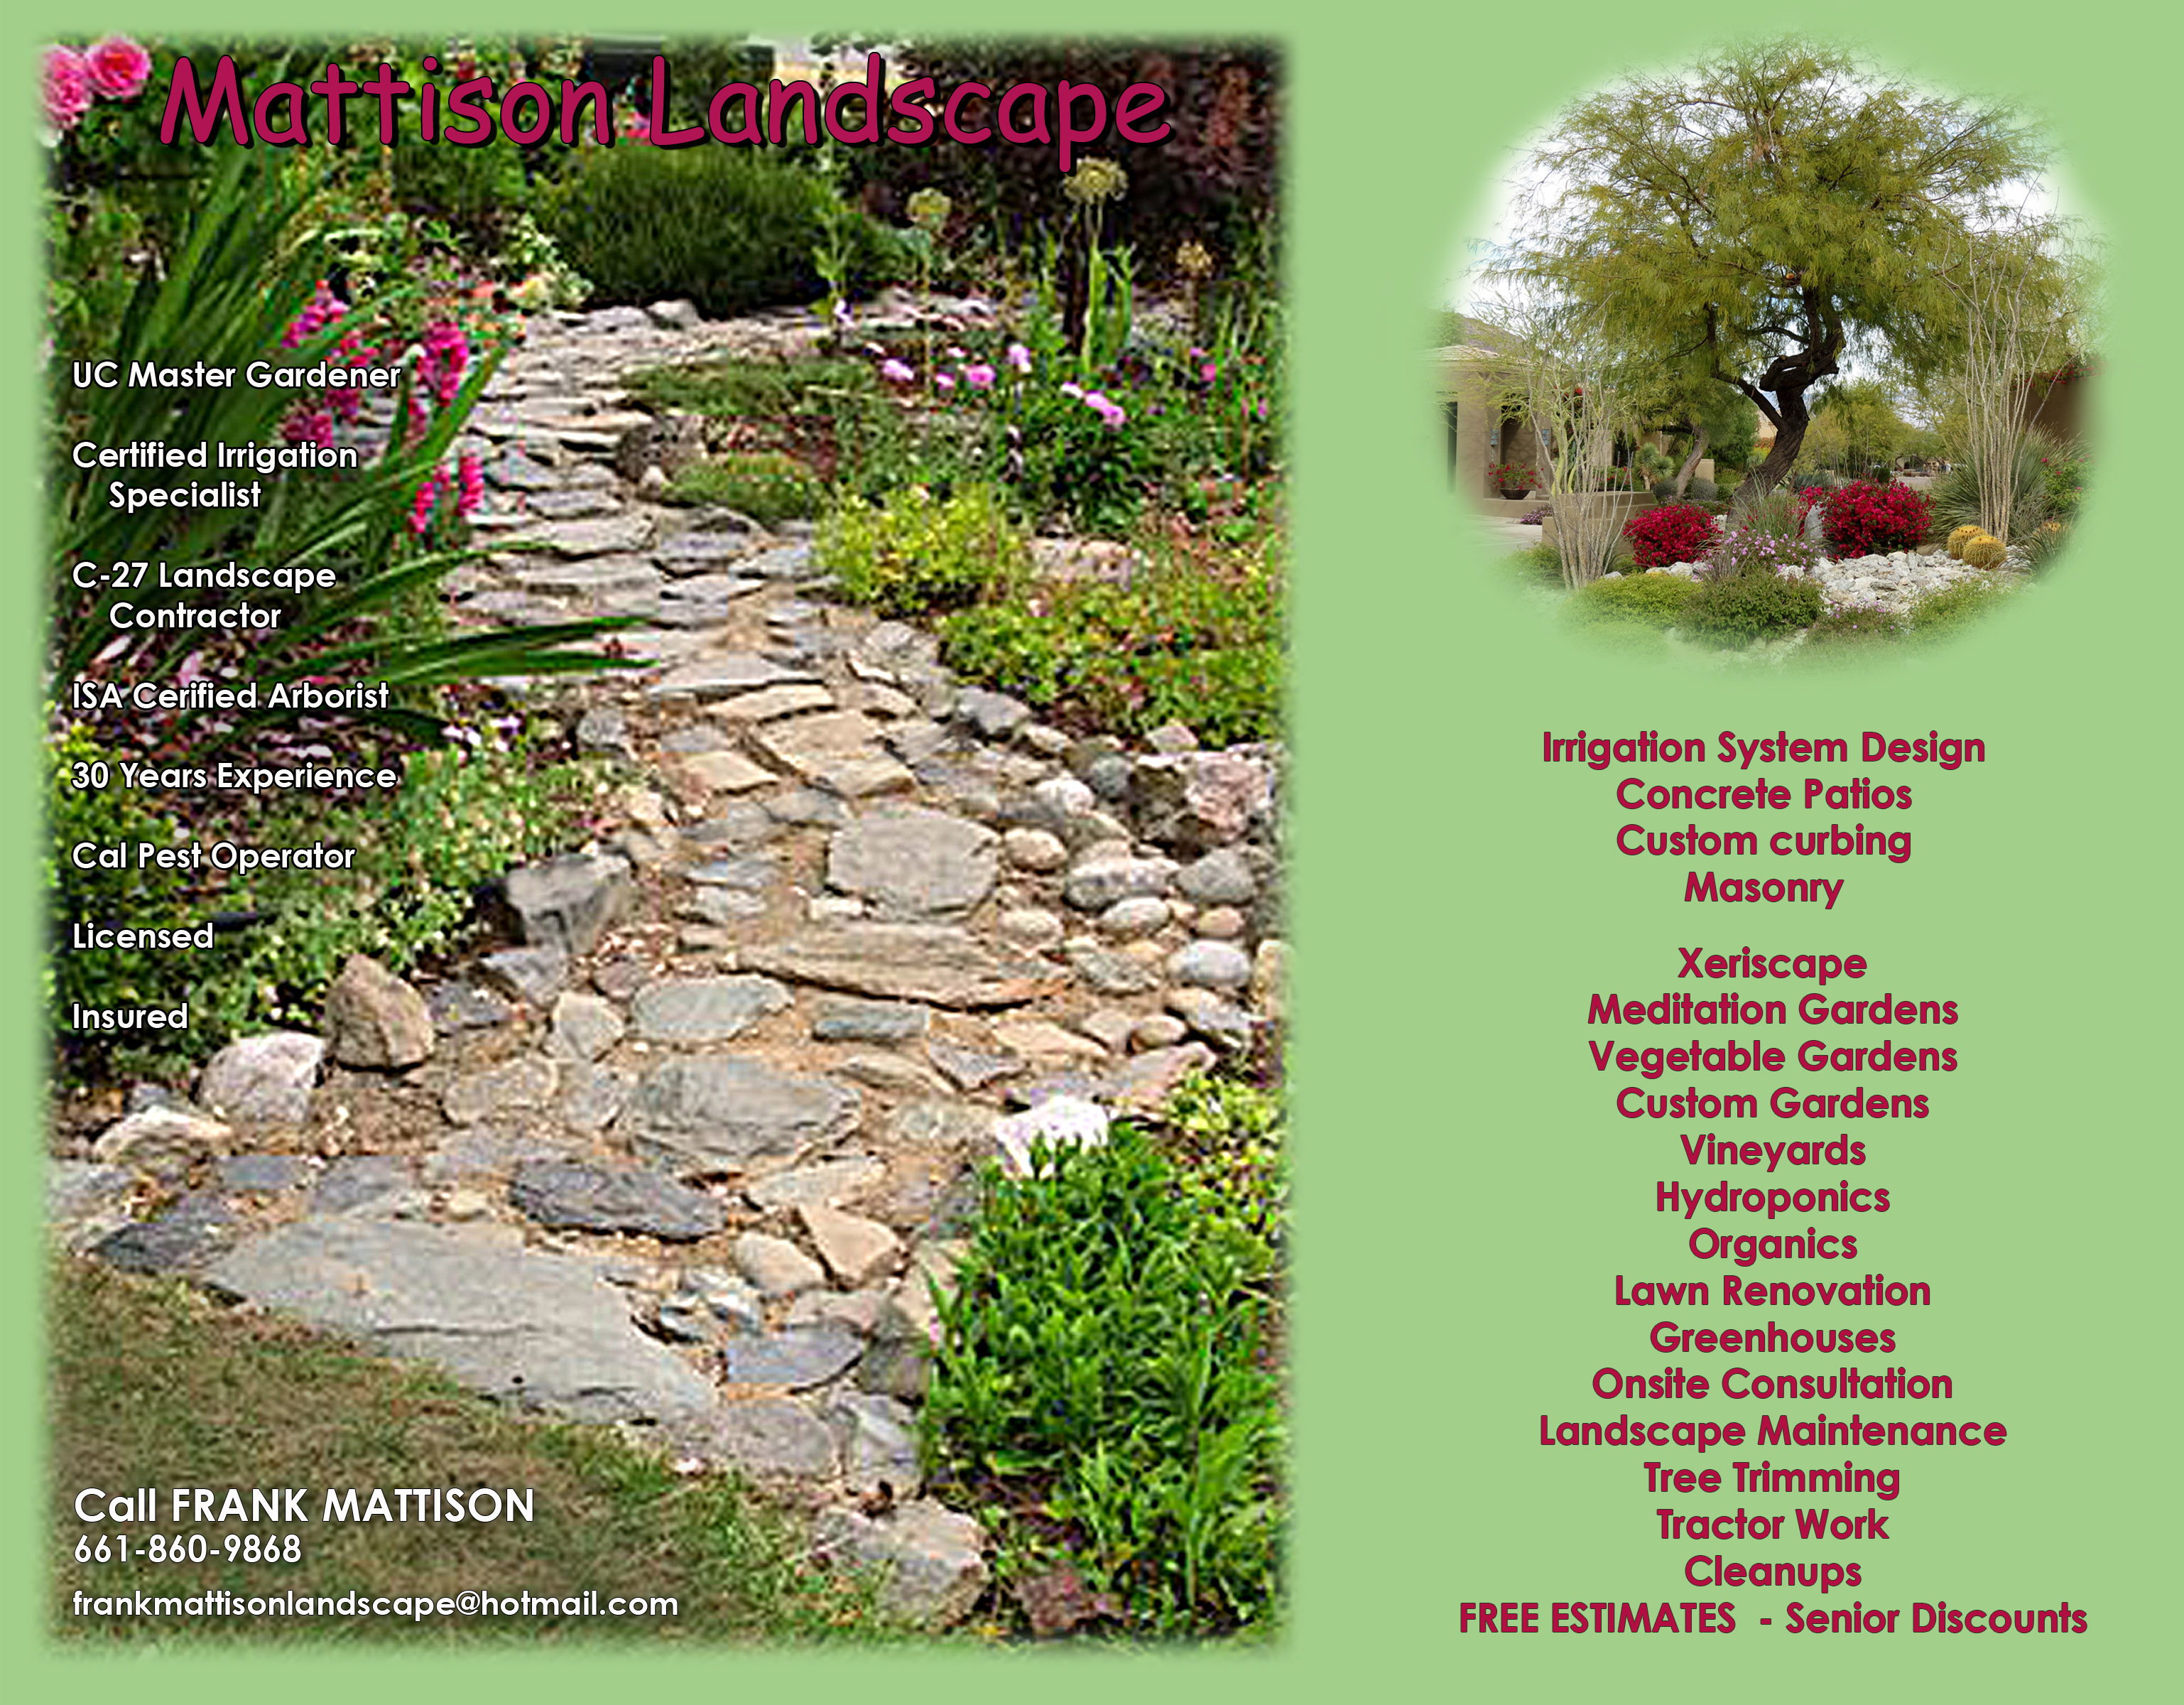 landscaping services in lancaster ca frank mattison landscape